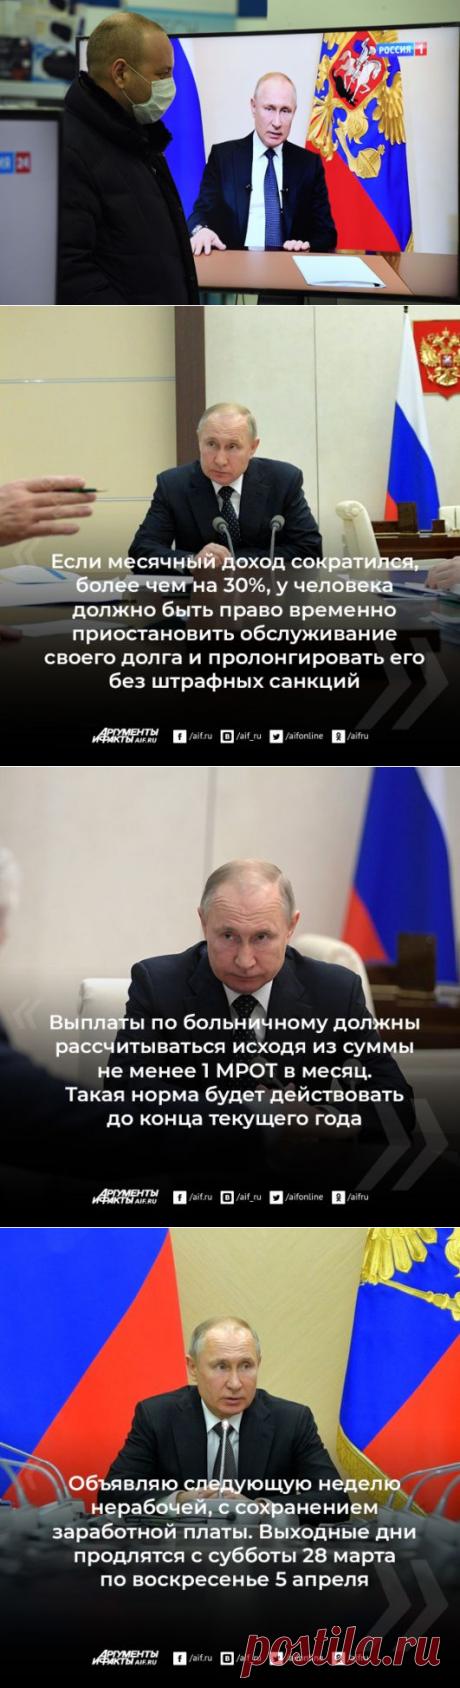 Кого не коснется указ Путина о нерабочей неделе с 30 марта по 3 апреля? | Право | Общество | Аргументы и Факты